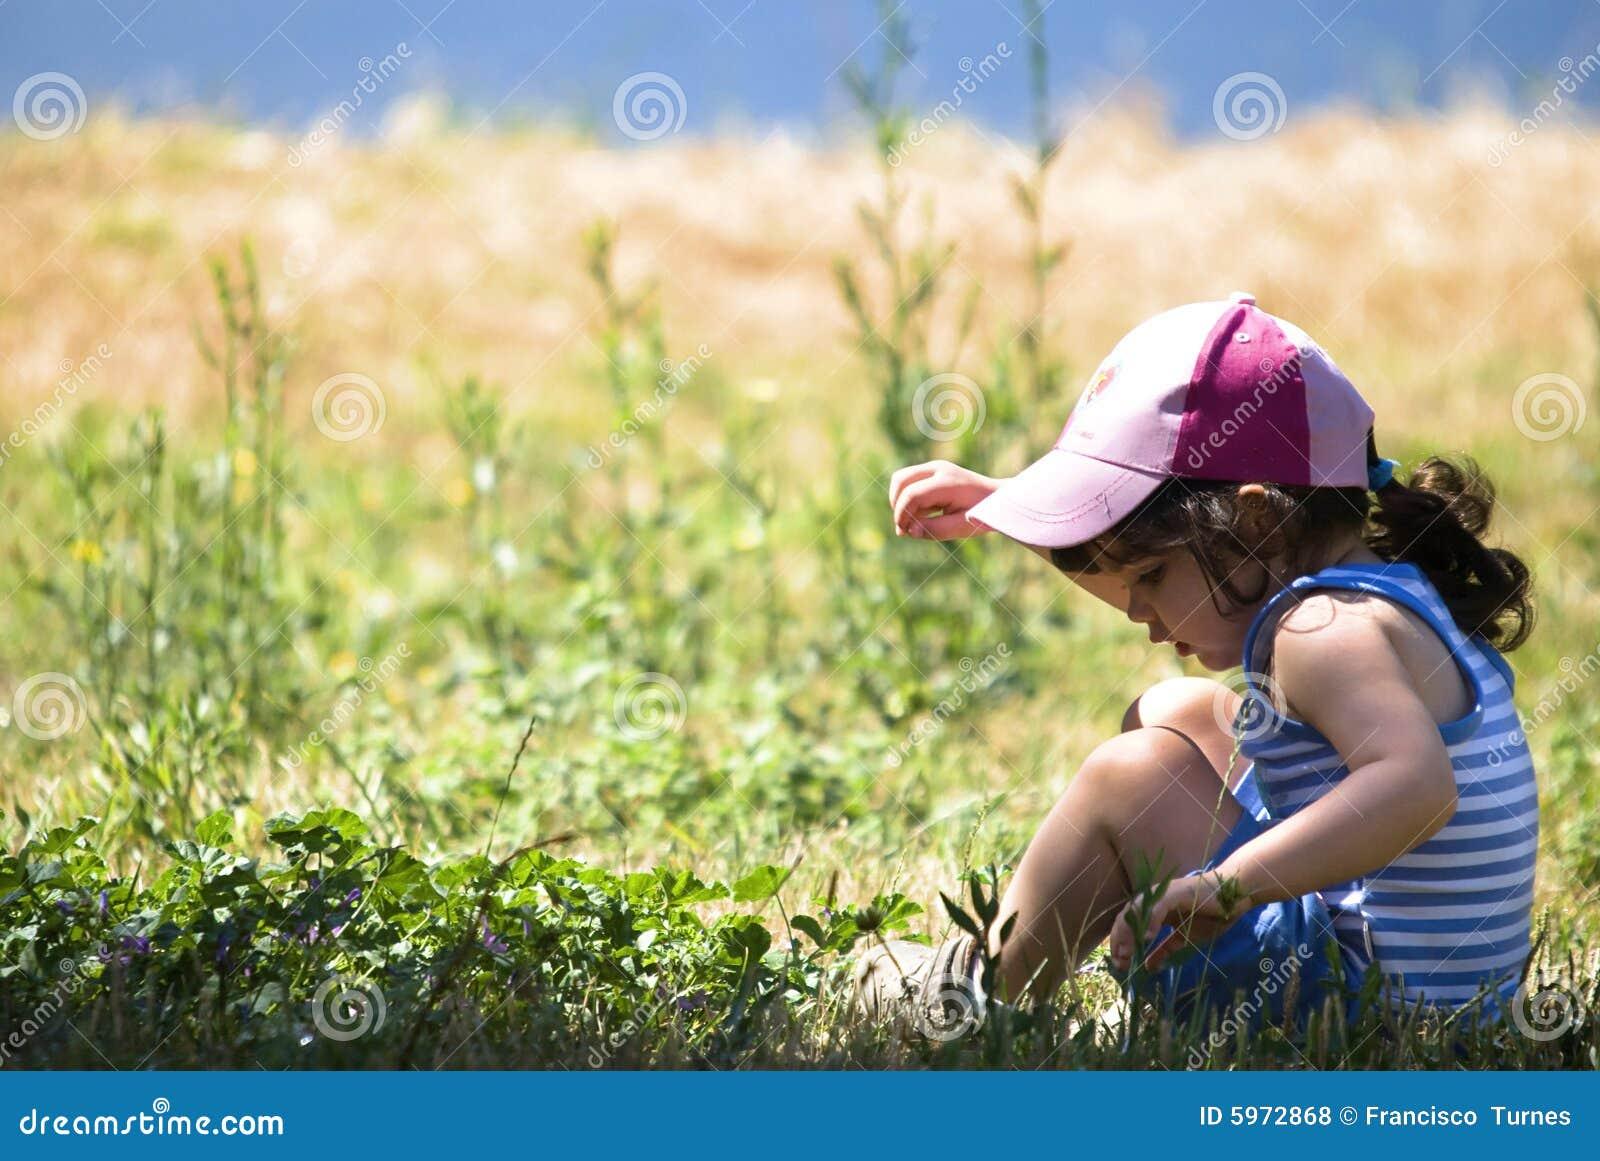 Jeune fille dans un domaine